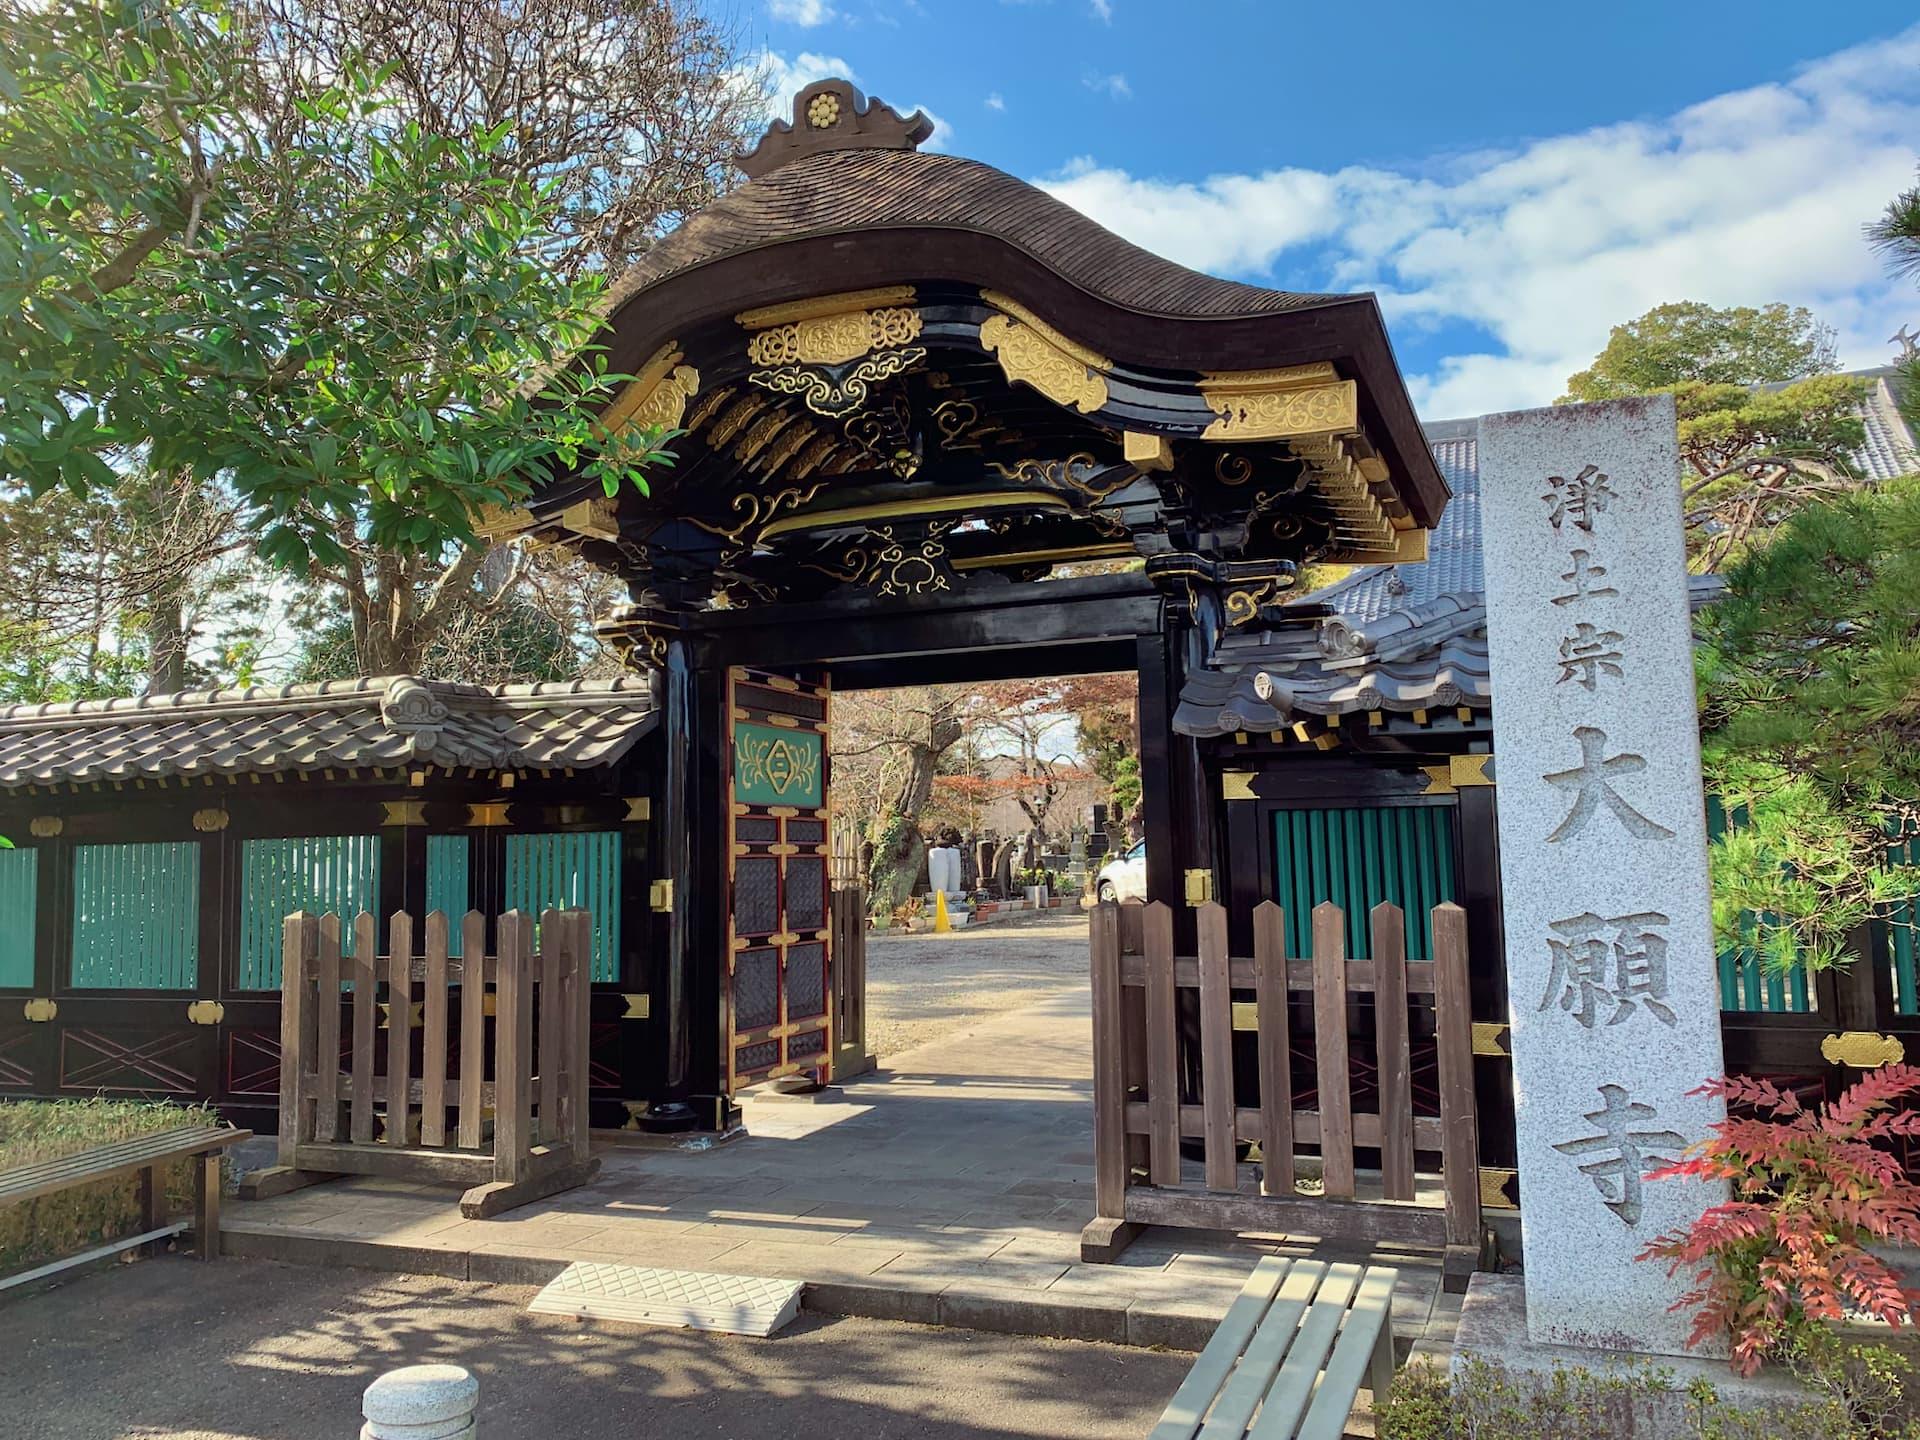 大願寺山門(旧万寿院伝霊屋門)